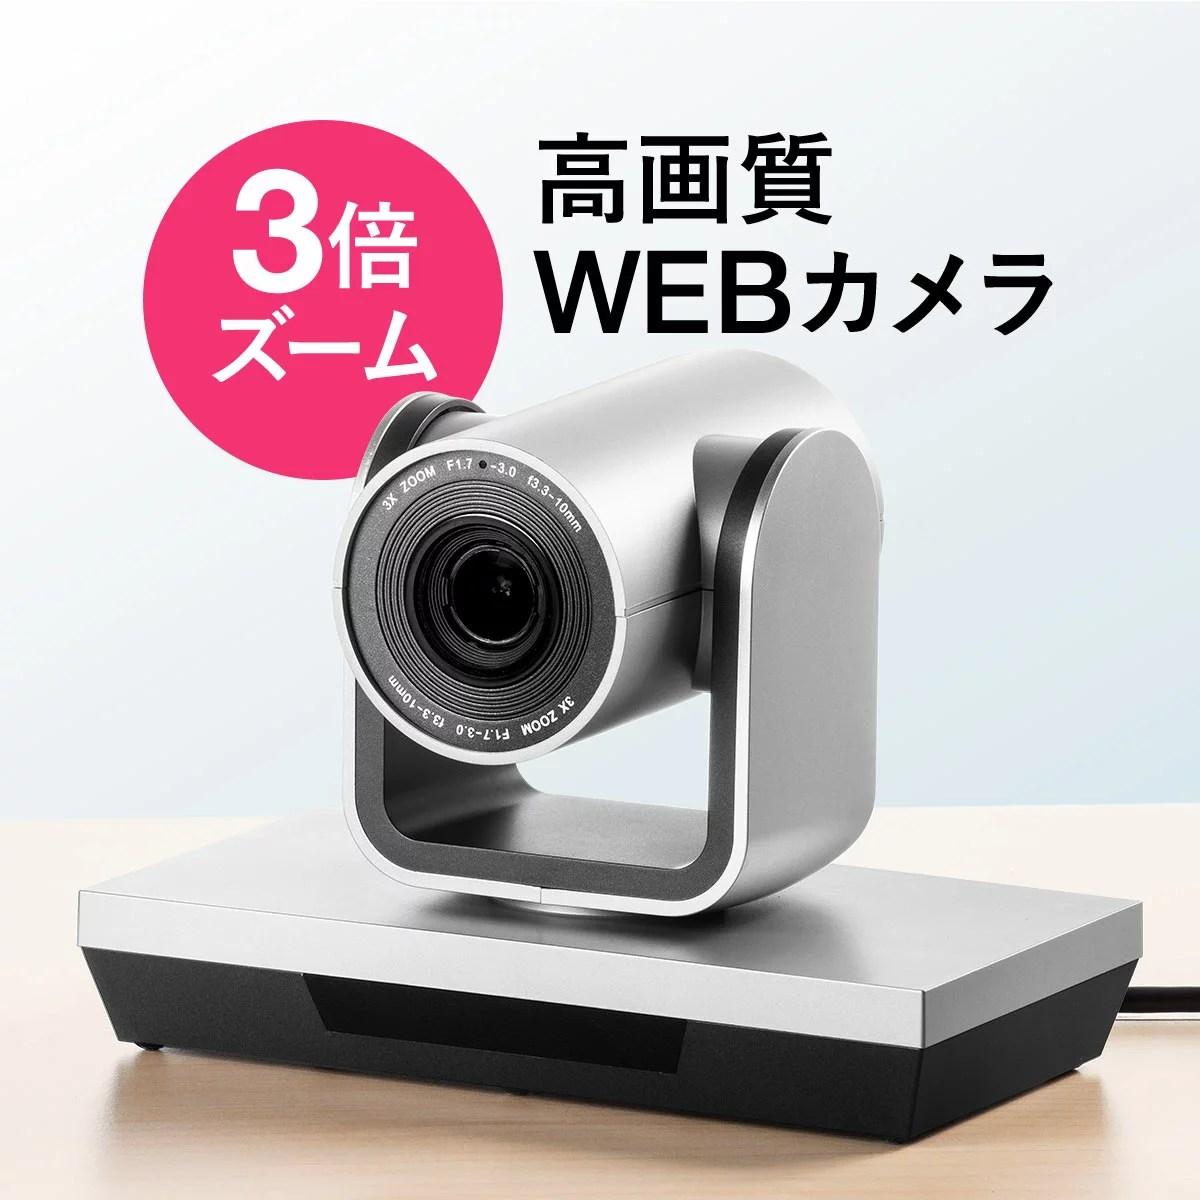 WEBカメラ USBカメラ 広角 高画質 3倍ズーム対応 WEB会議向け パン・チルト対応 フルHD 210万画素 CMOSセンサー リモコン付き 接続するだけ 簡単 Zoom対応 Skype対応